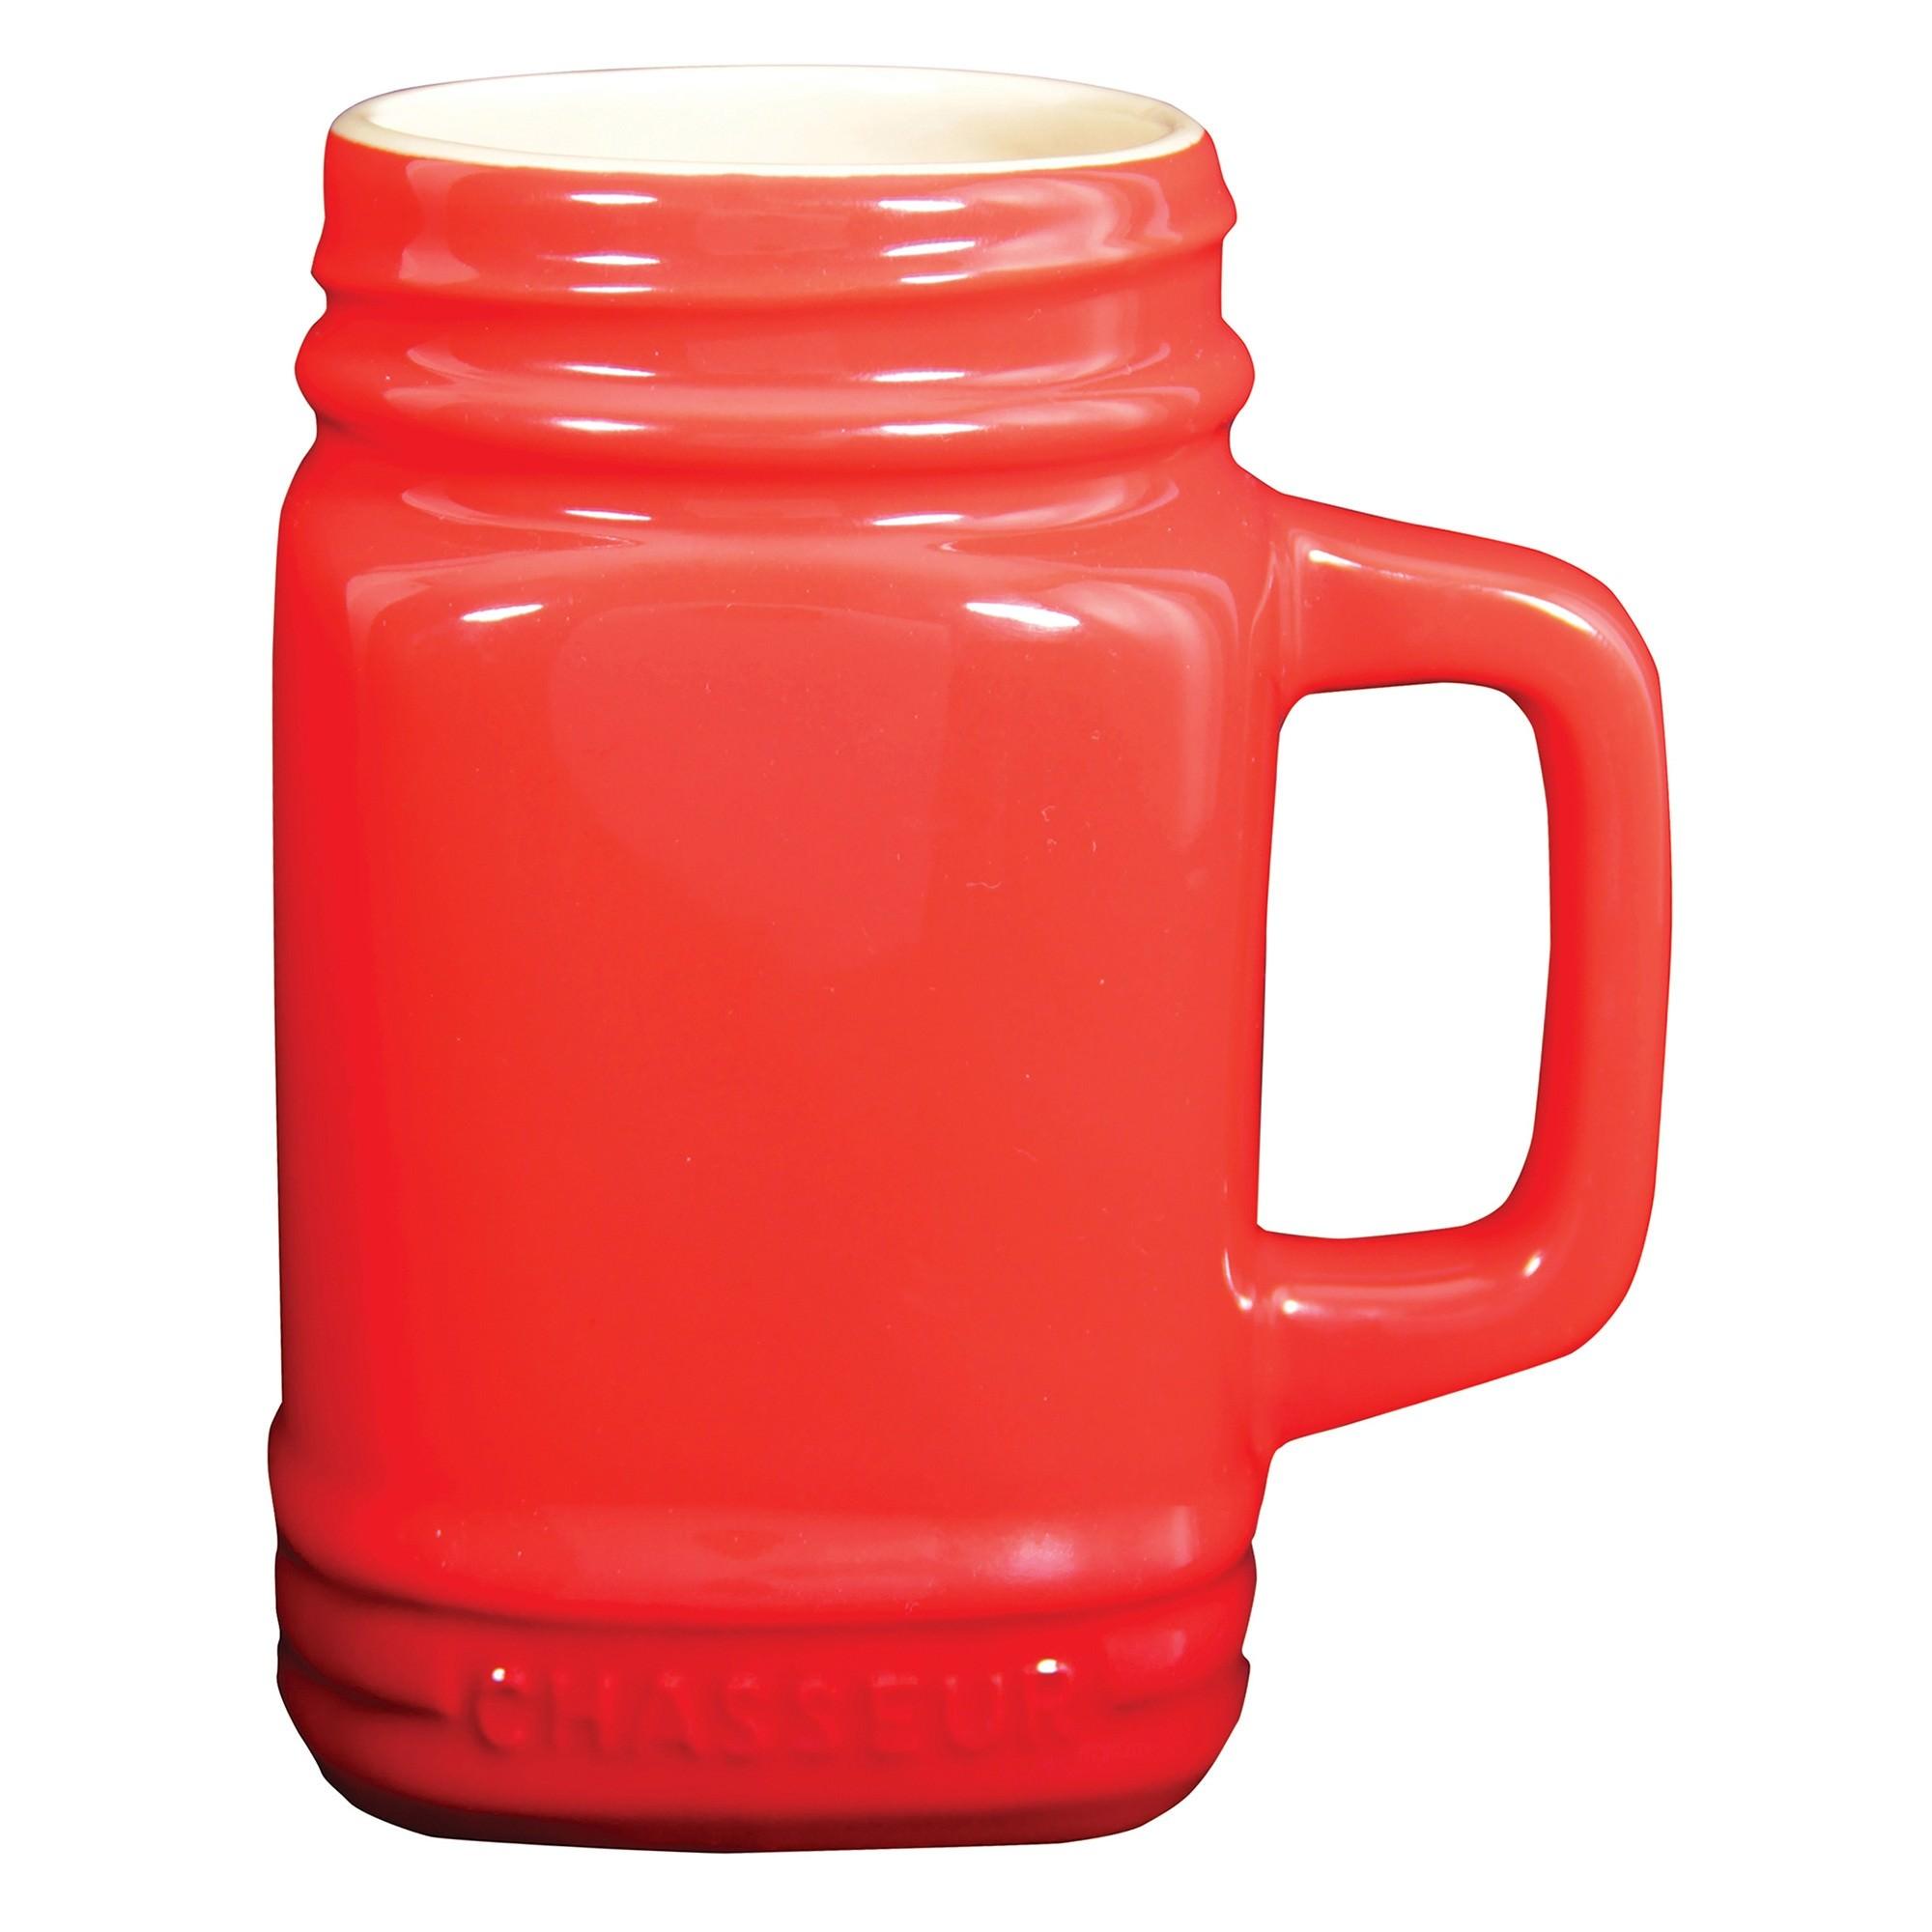 Chasseur La Cuisson Mason Jar Mug, 400ml, Red